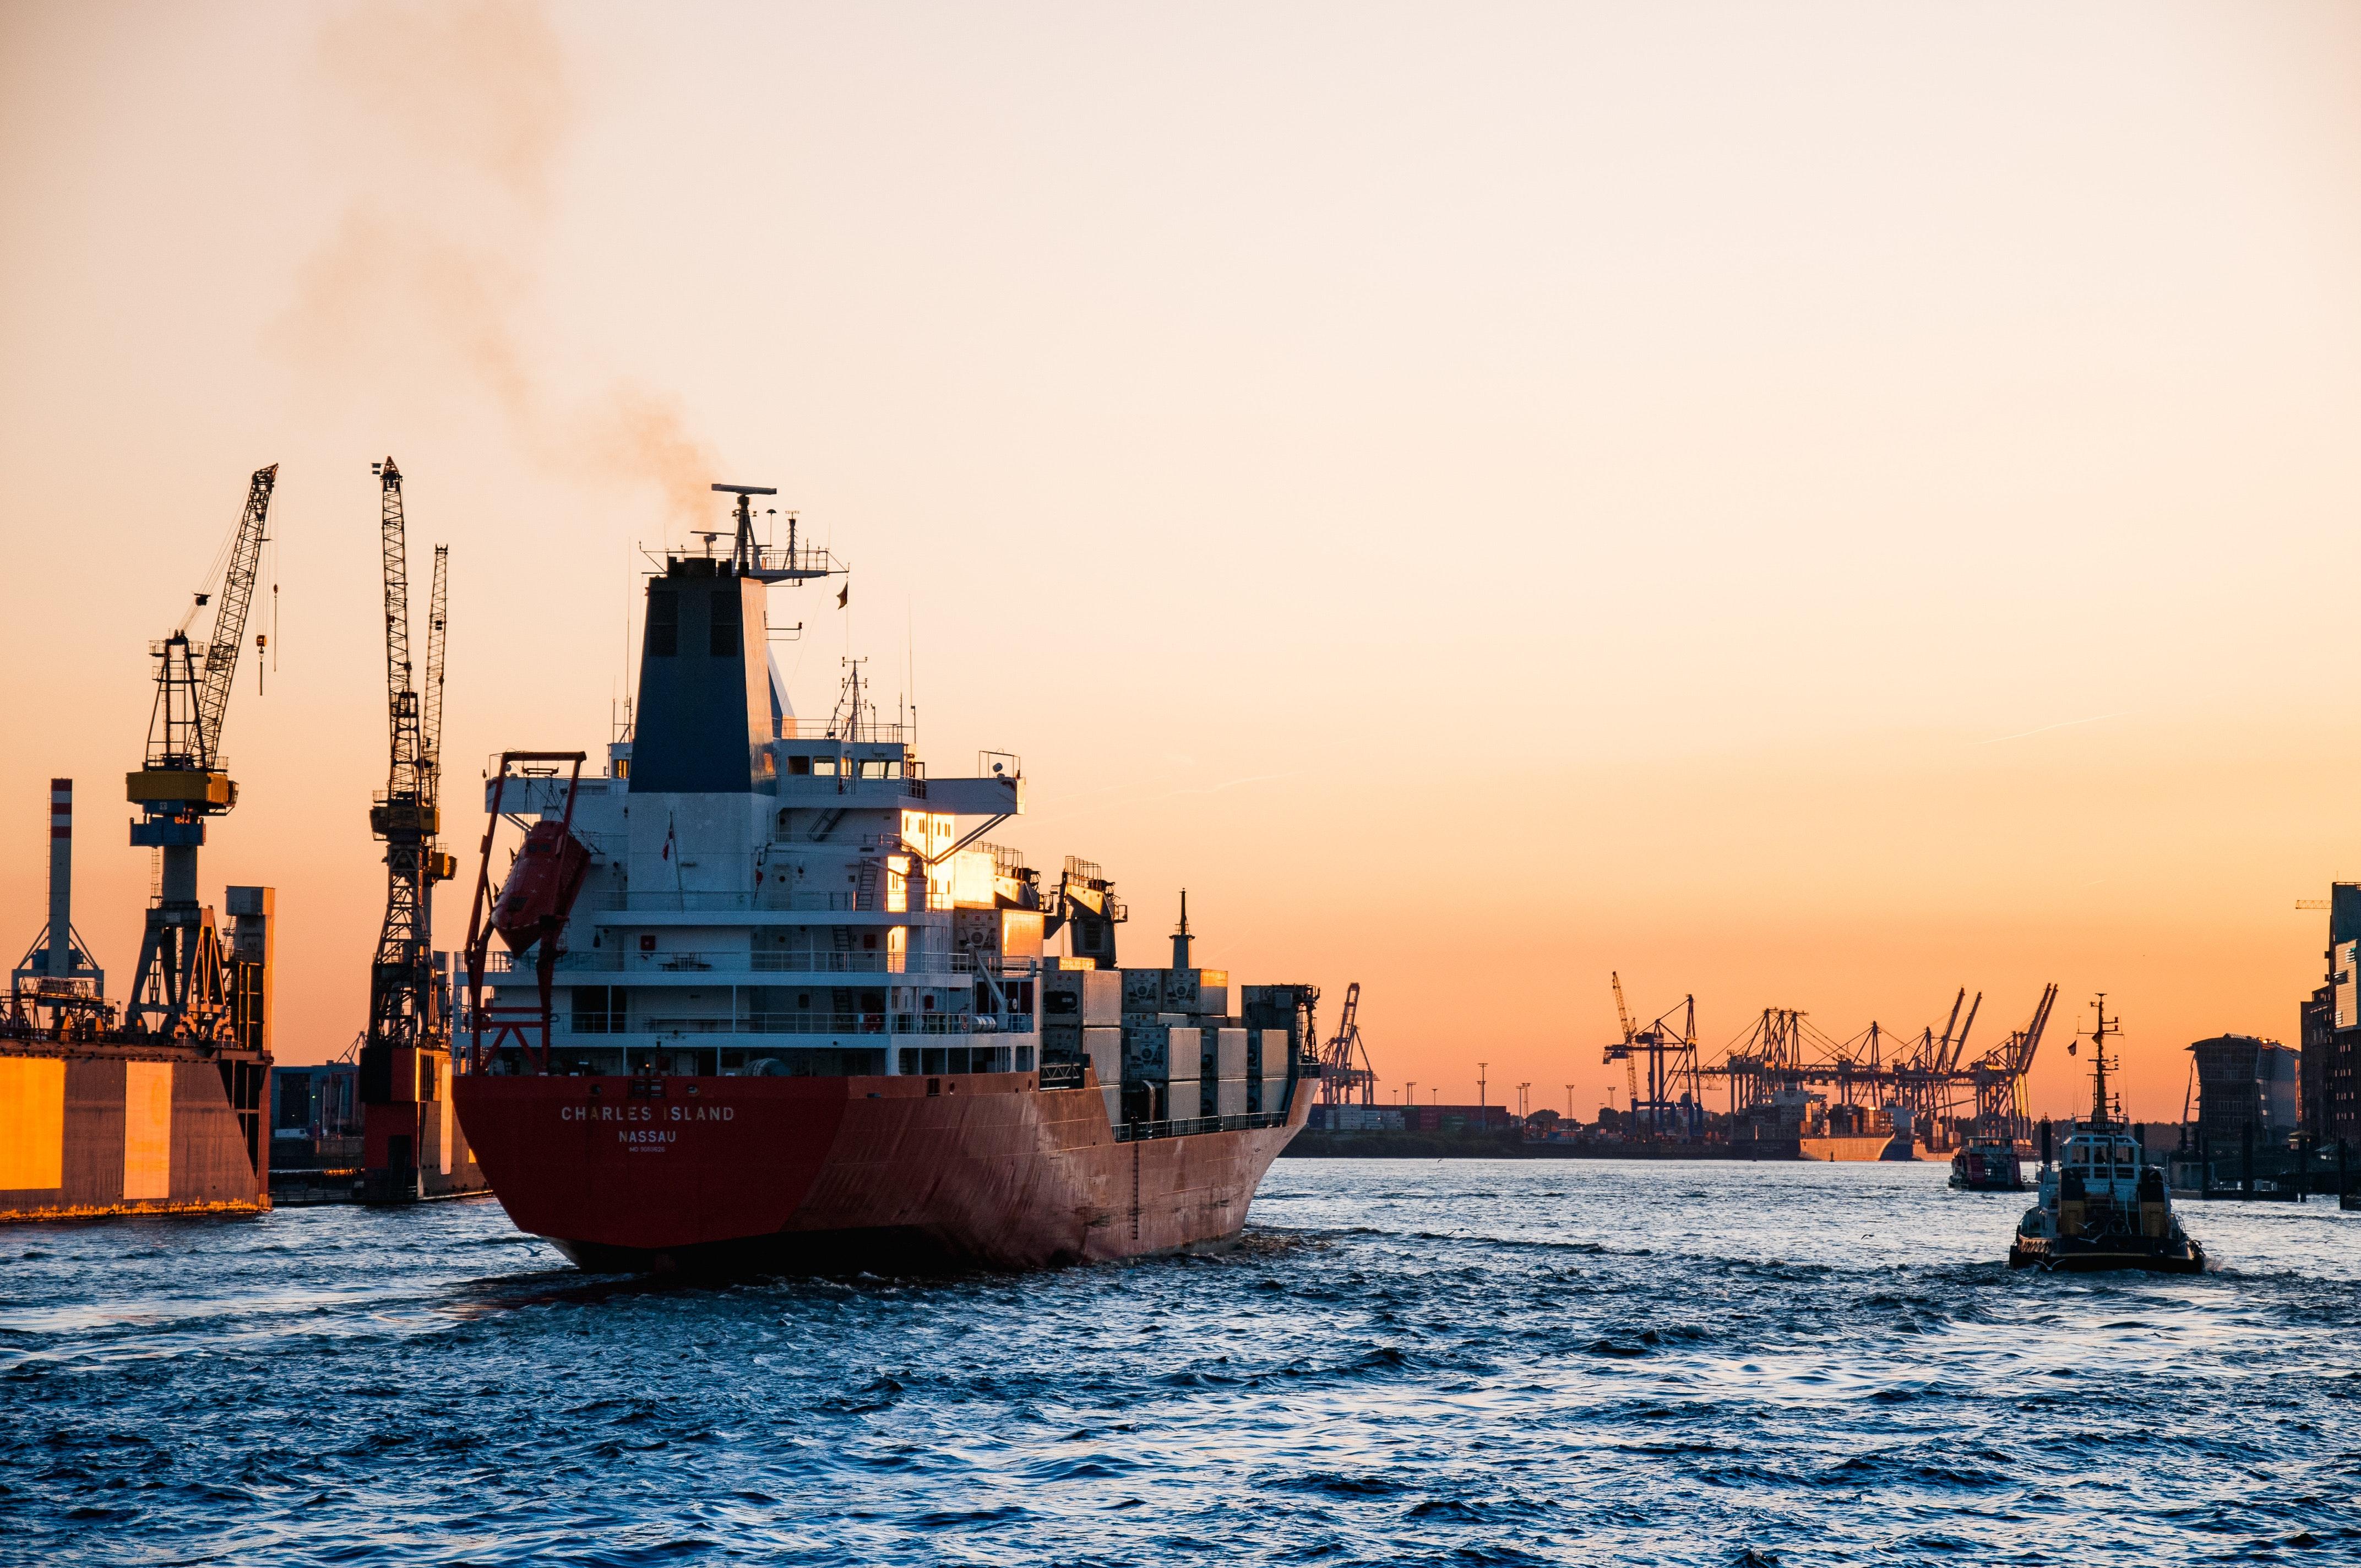 Photography of Ship, Architecture, Port, Sea, Seashore, HQ Photo